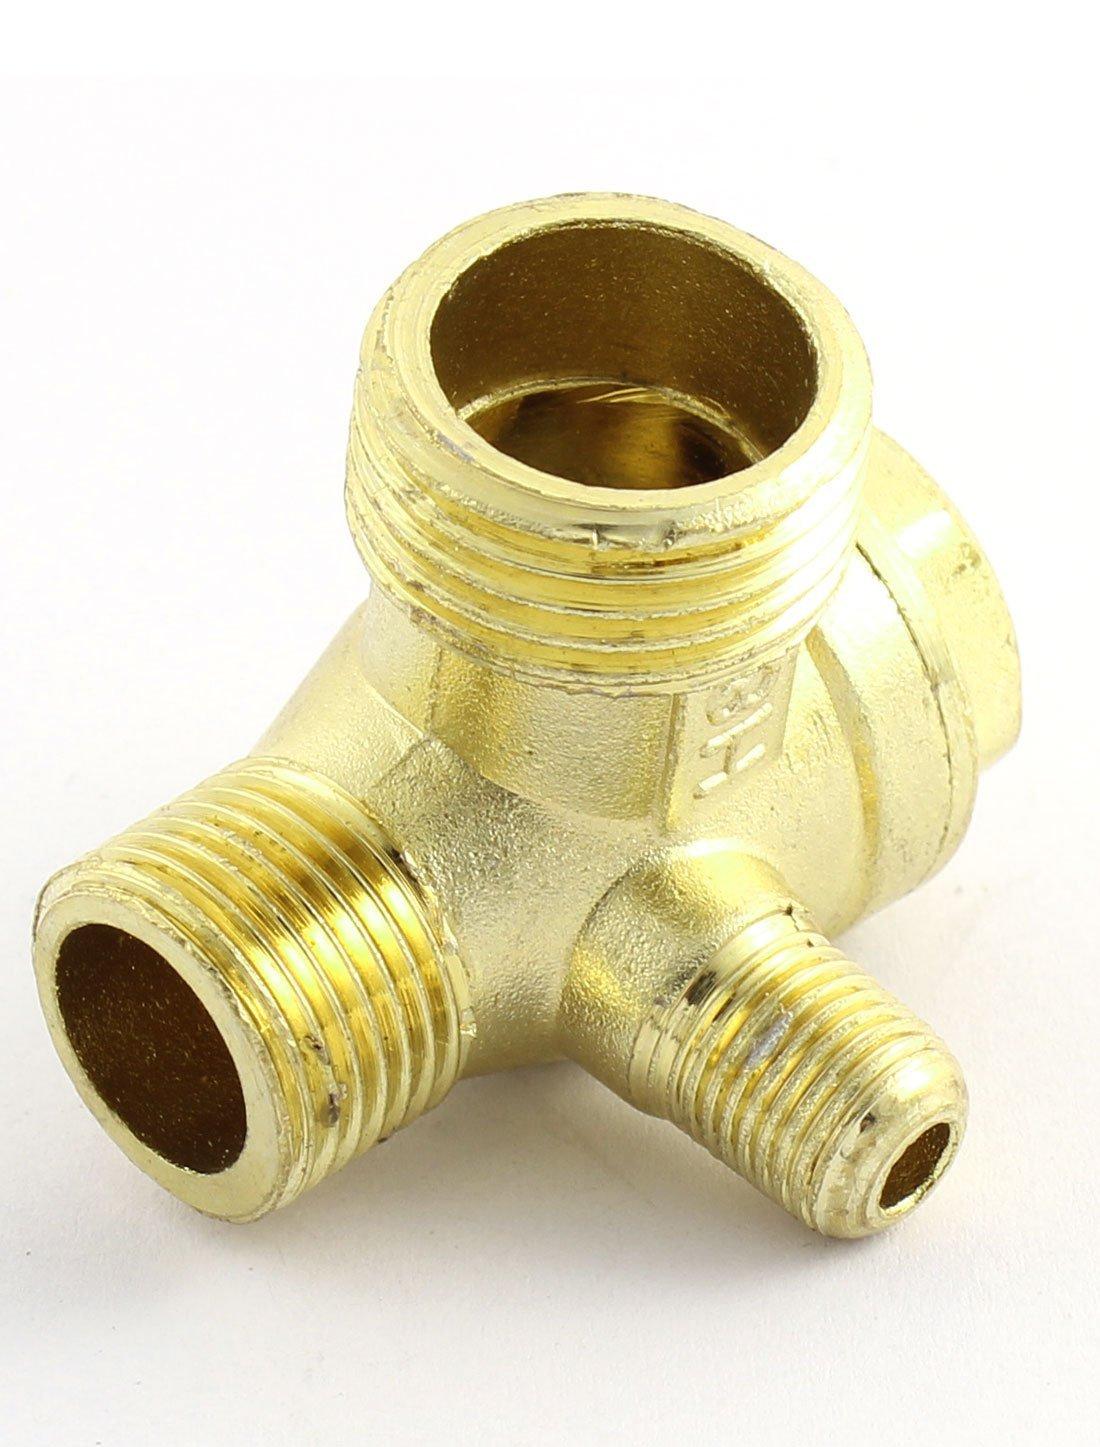 eDealMax DE 3 vías del compresor de aire de reemplazo de piezas Con rosca Macho Válvula de retención: Amazon.com: Industrial & Scientific